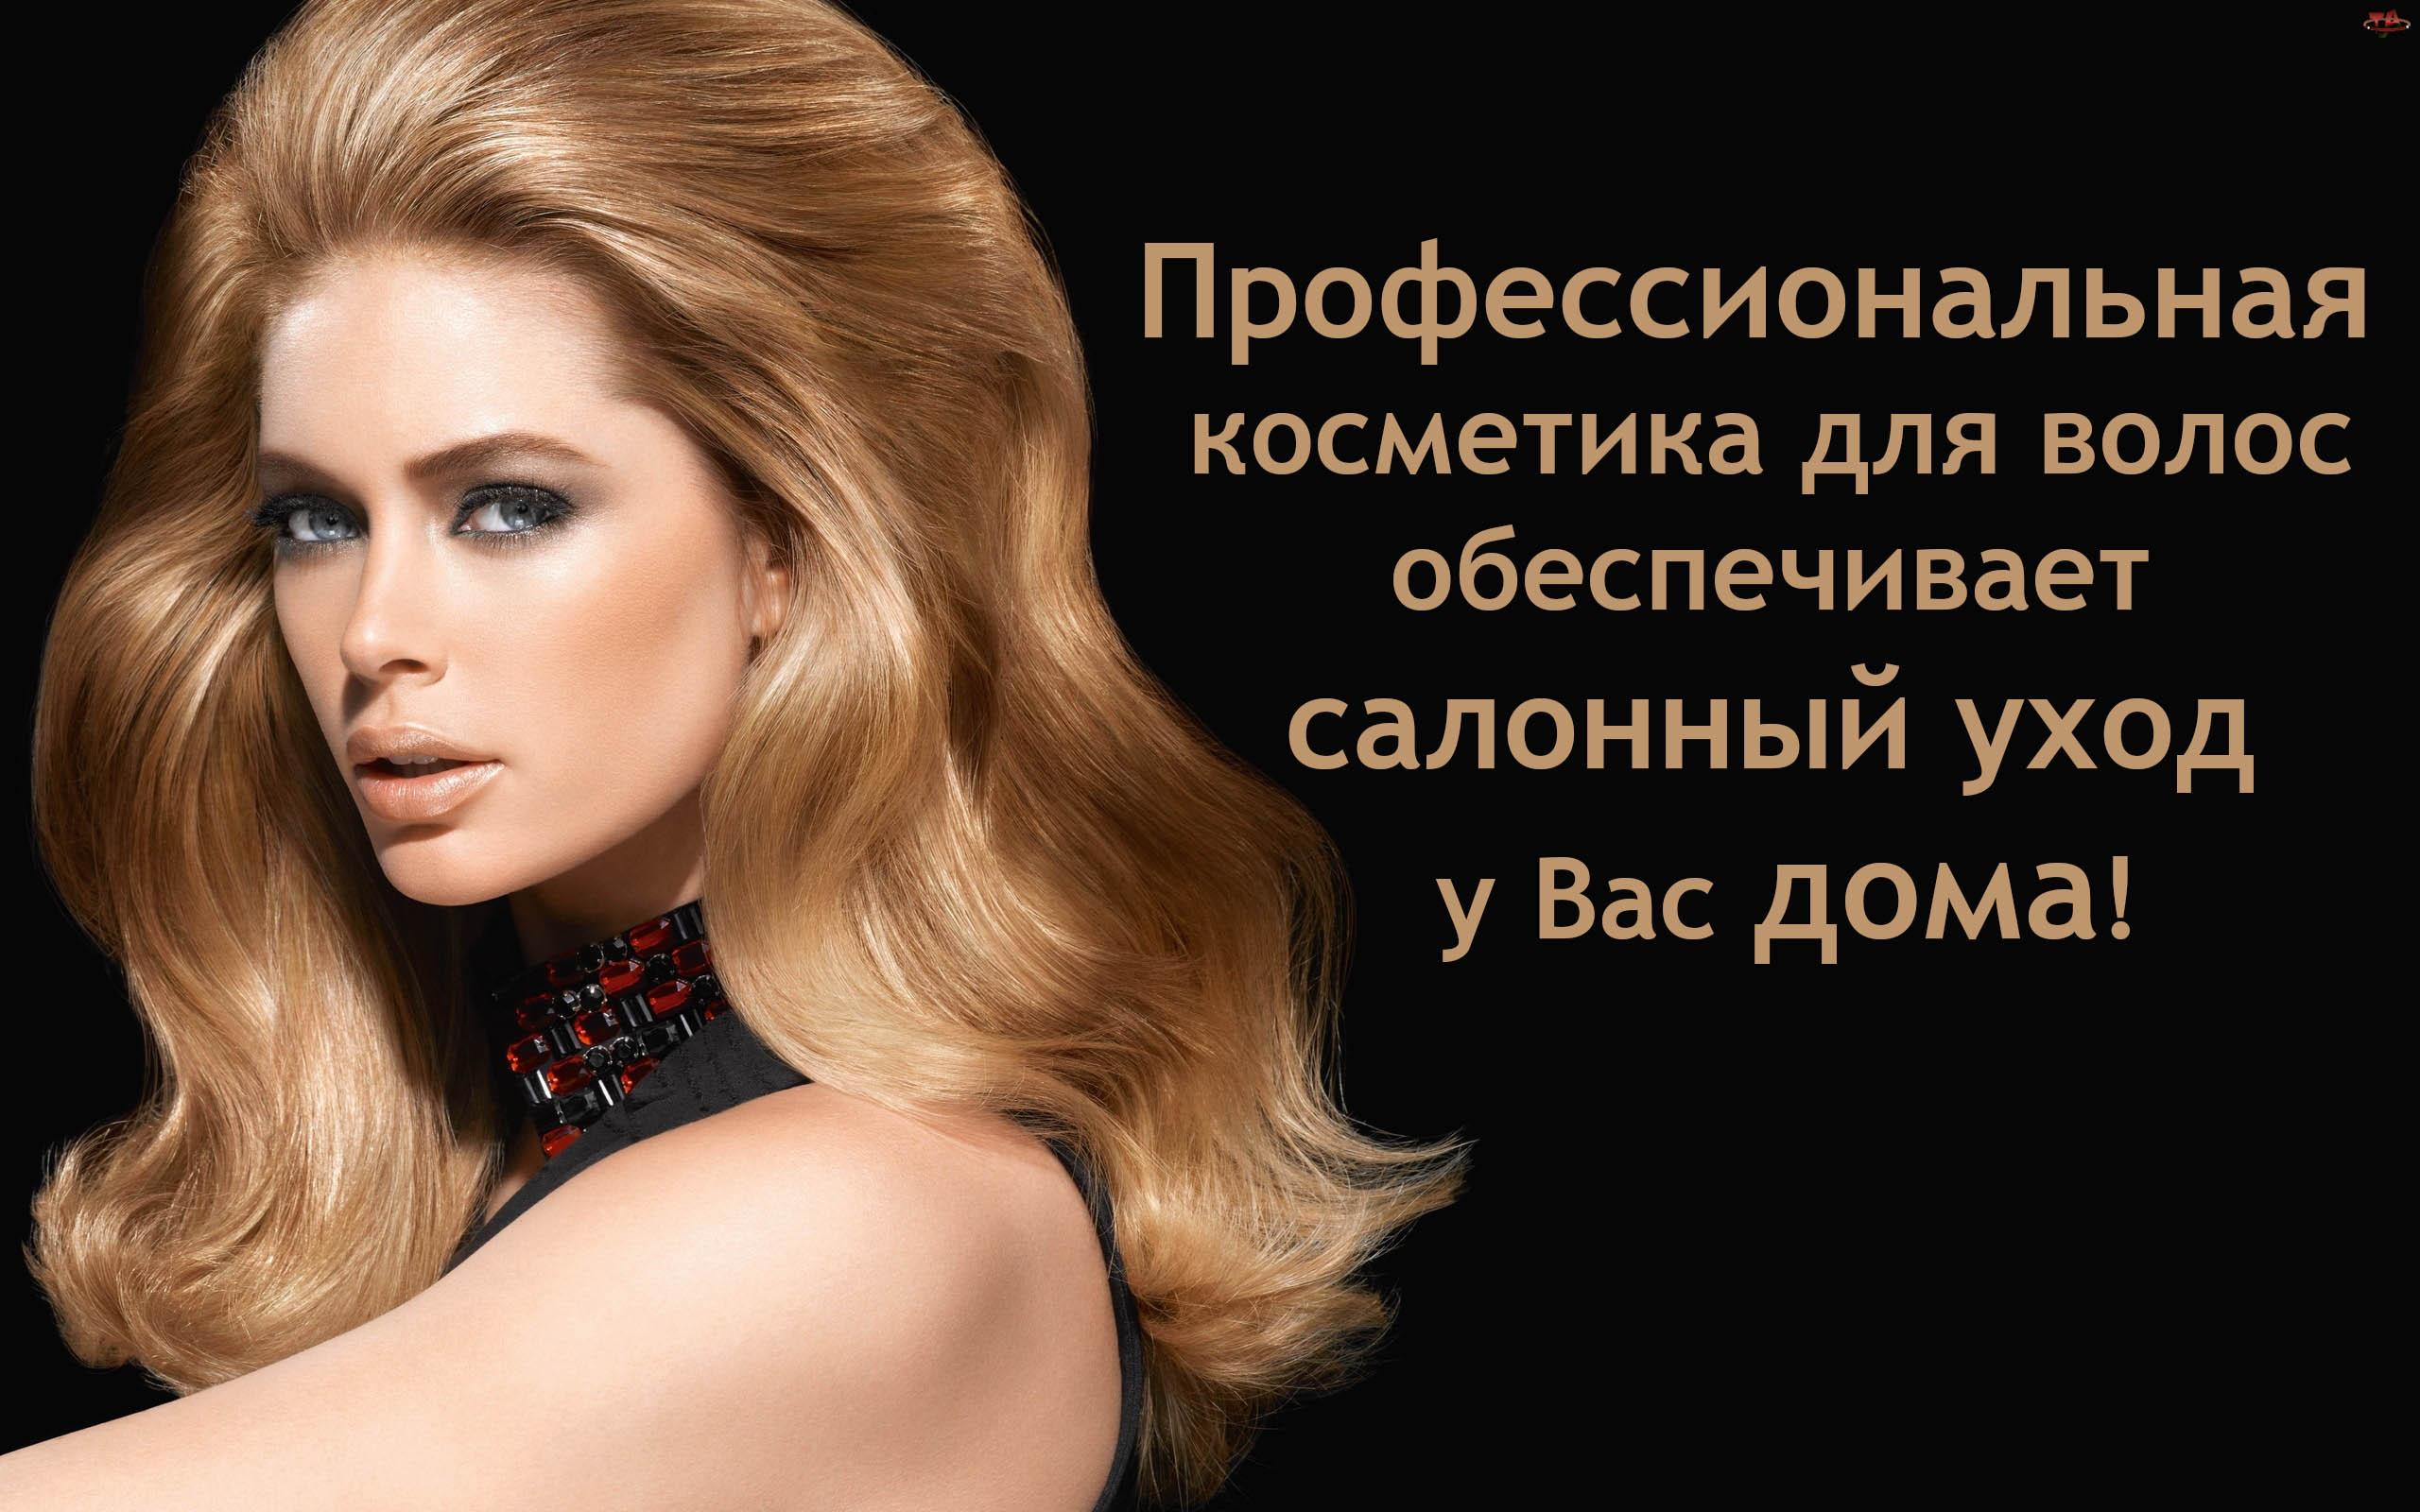 популярная косметика для волос